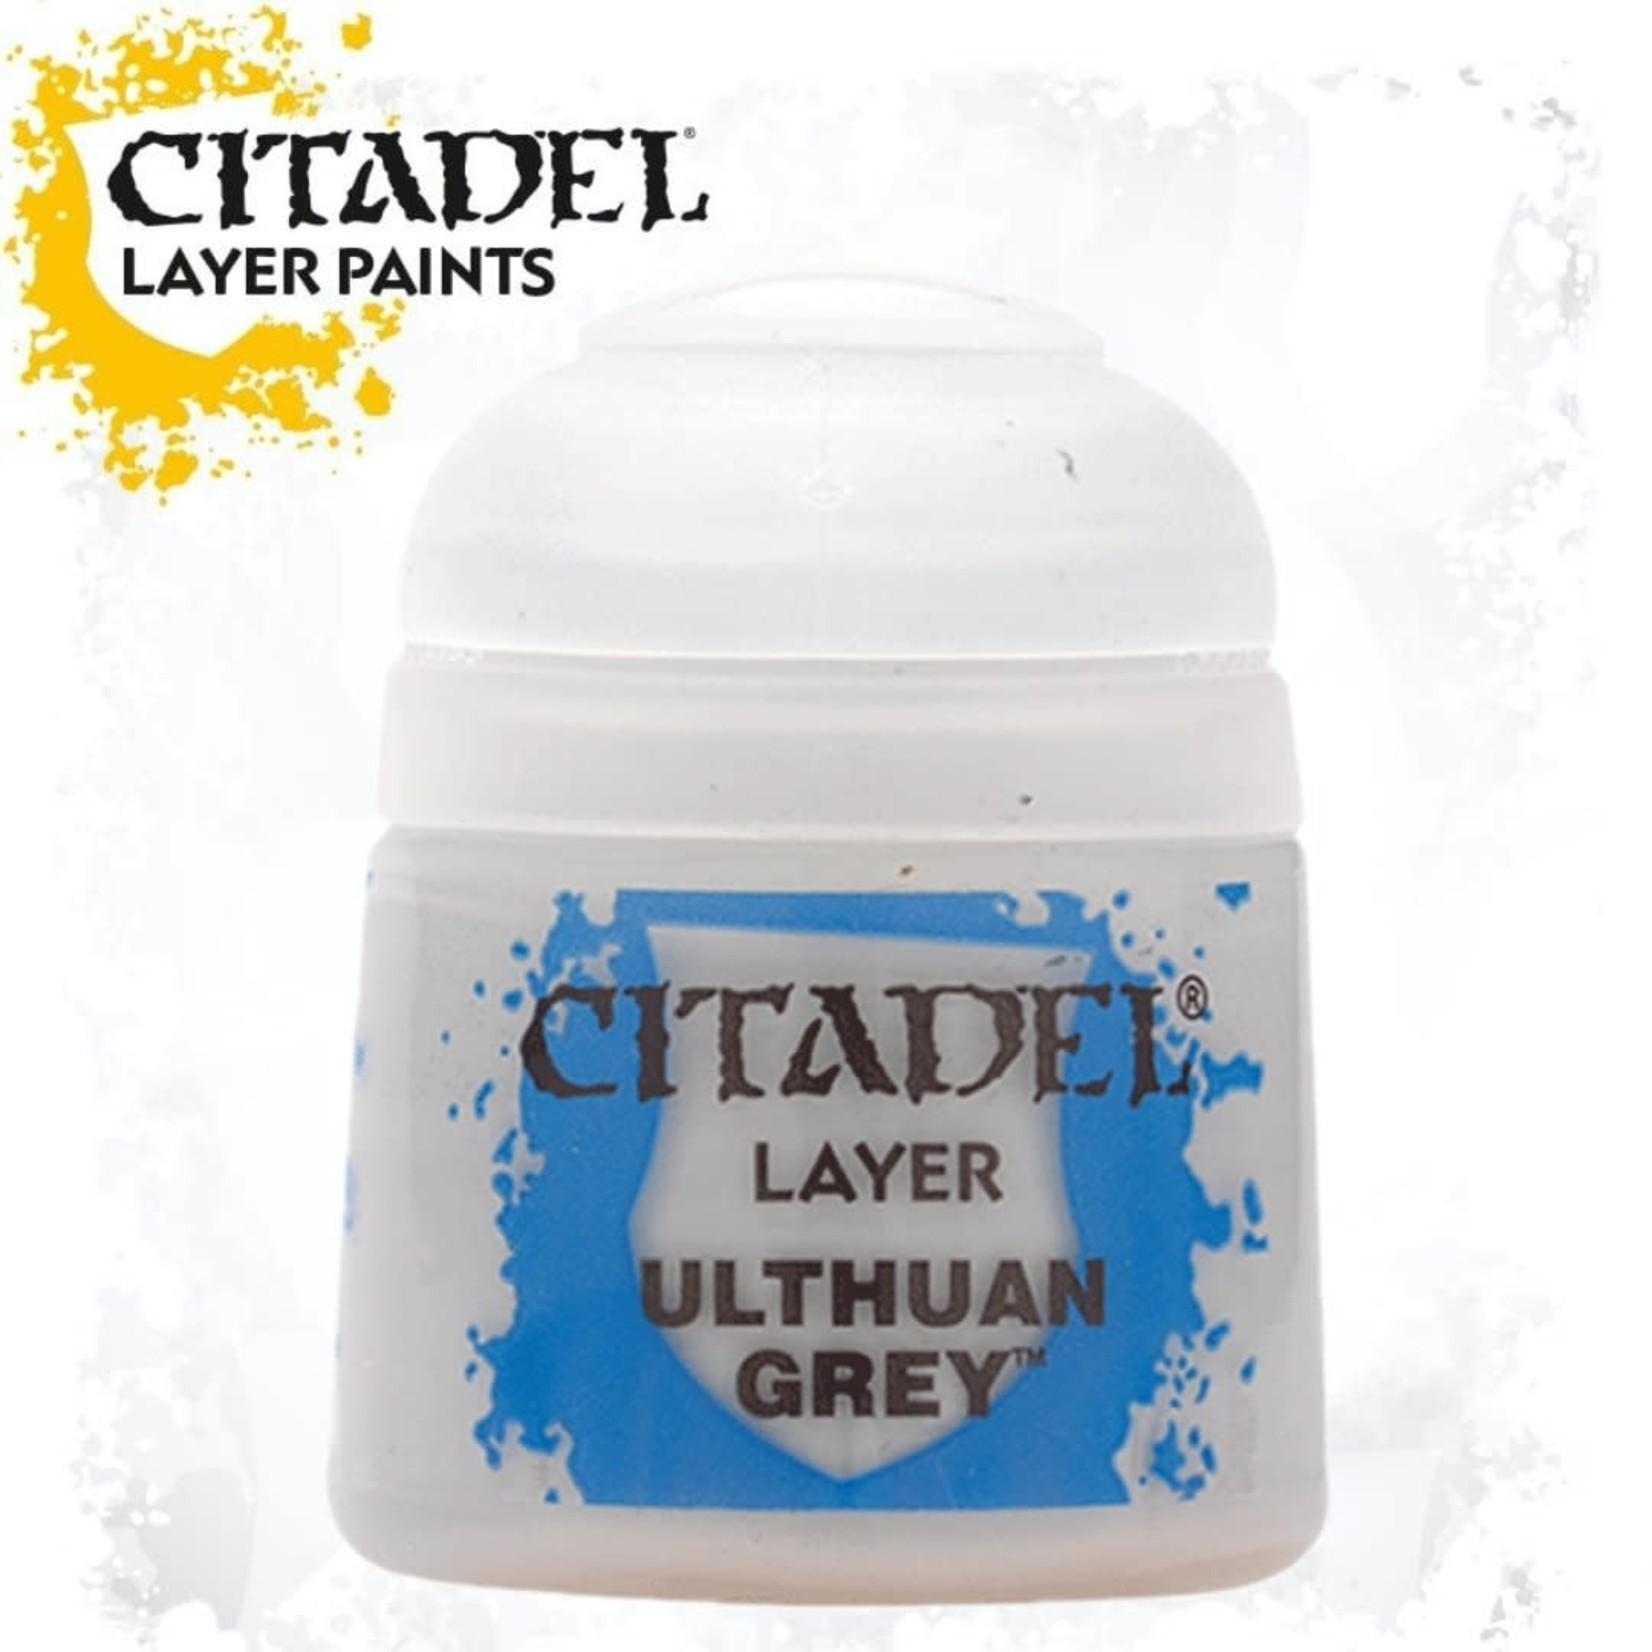 Citadel Citadel Paint - Layer: Ulthuan Grey